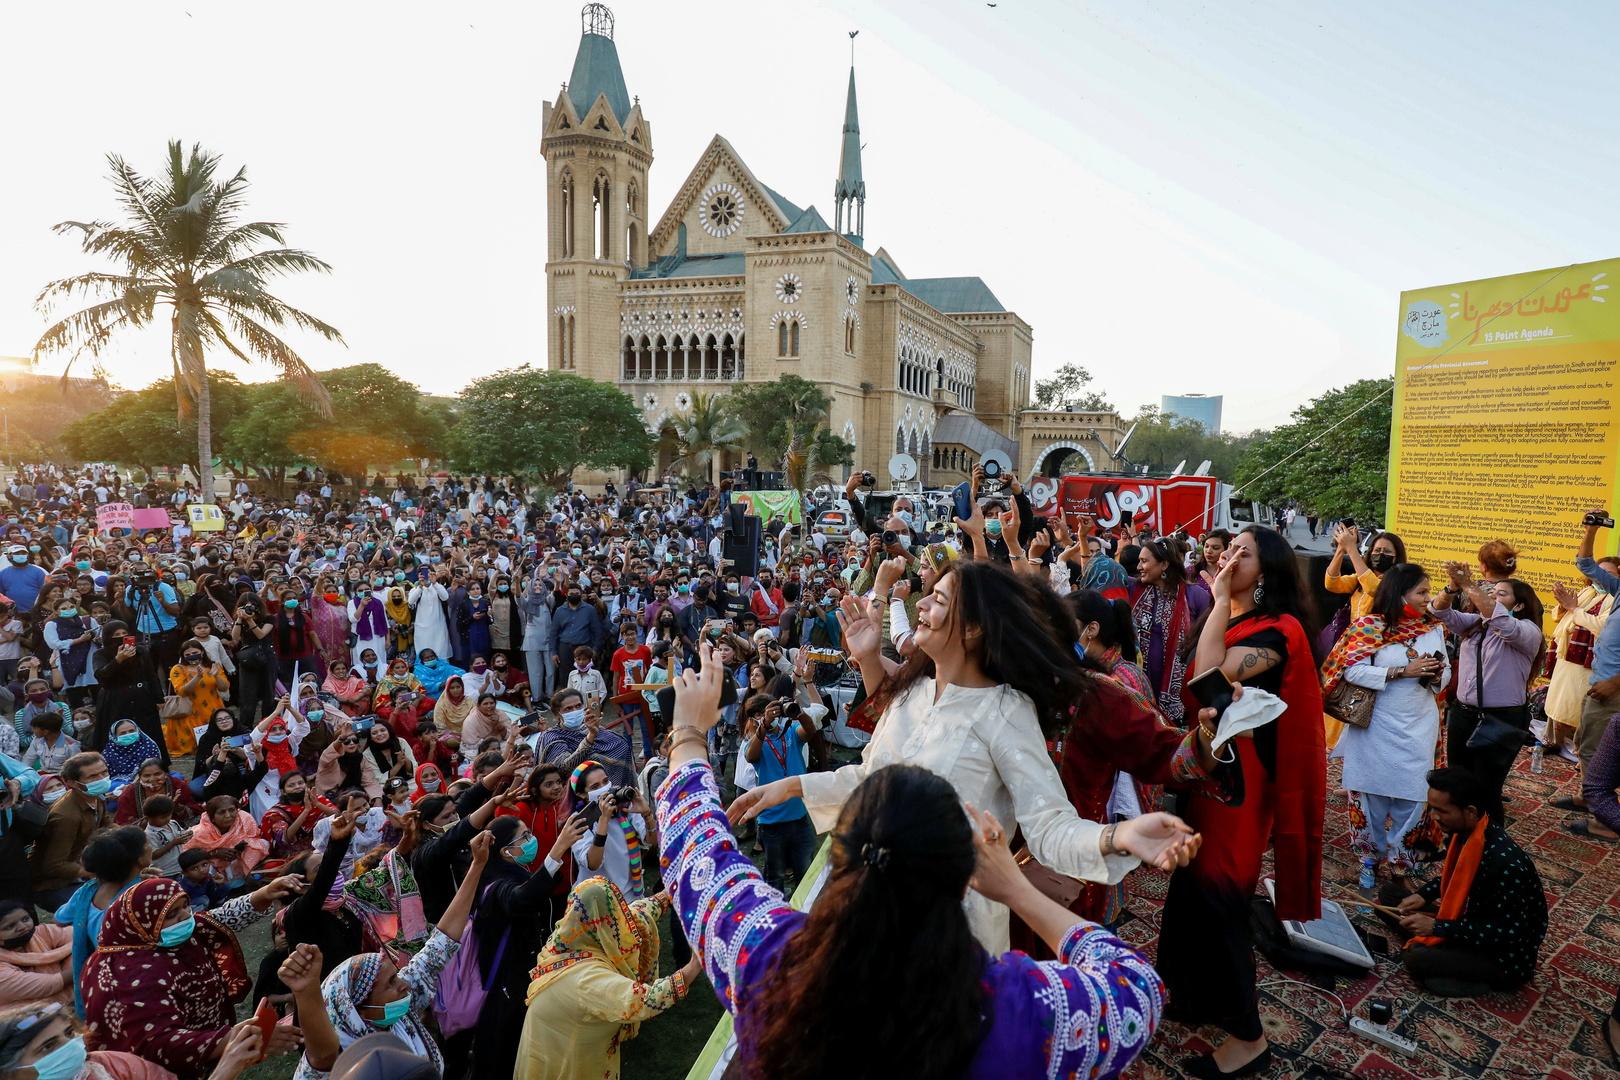 مسيرة في عيد المرأة الدولي 8 مارس 2021 في مدينة كراتشي الباكستانية